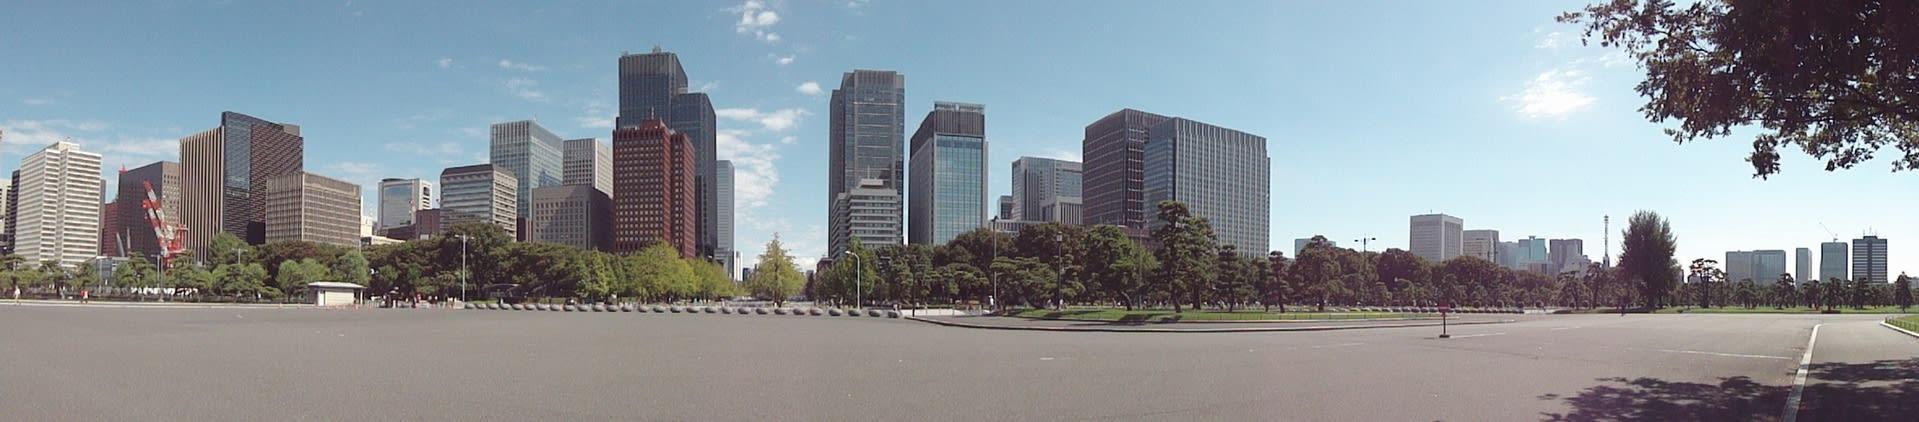 09月26日 皇居前広場